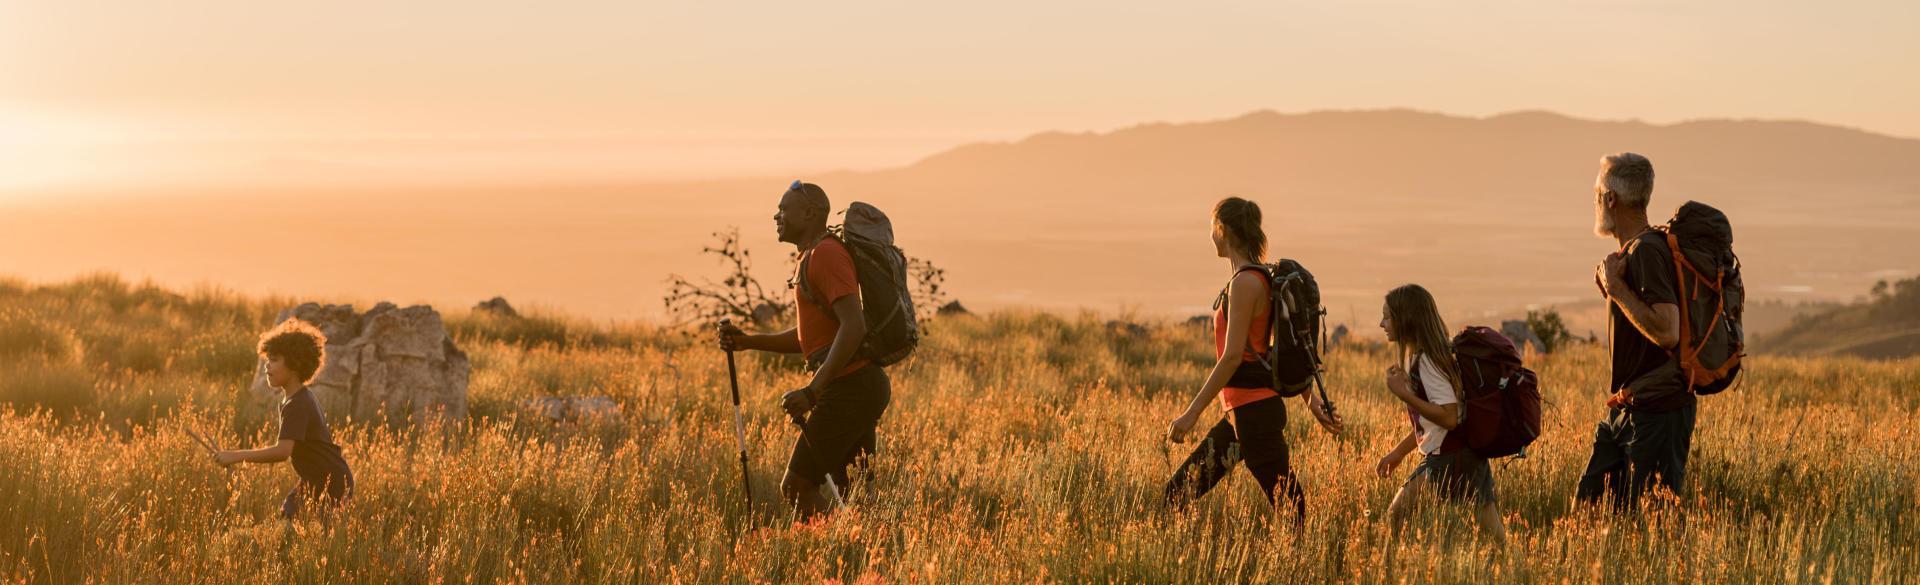 spring summer mountain hiking quechua decathlon